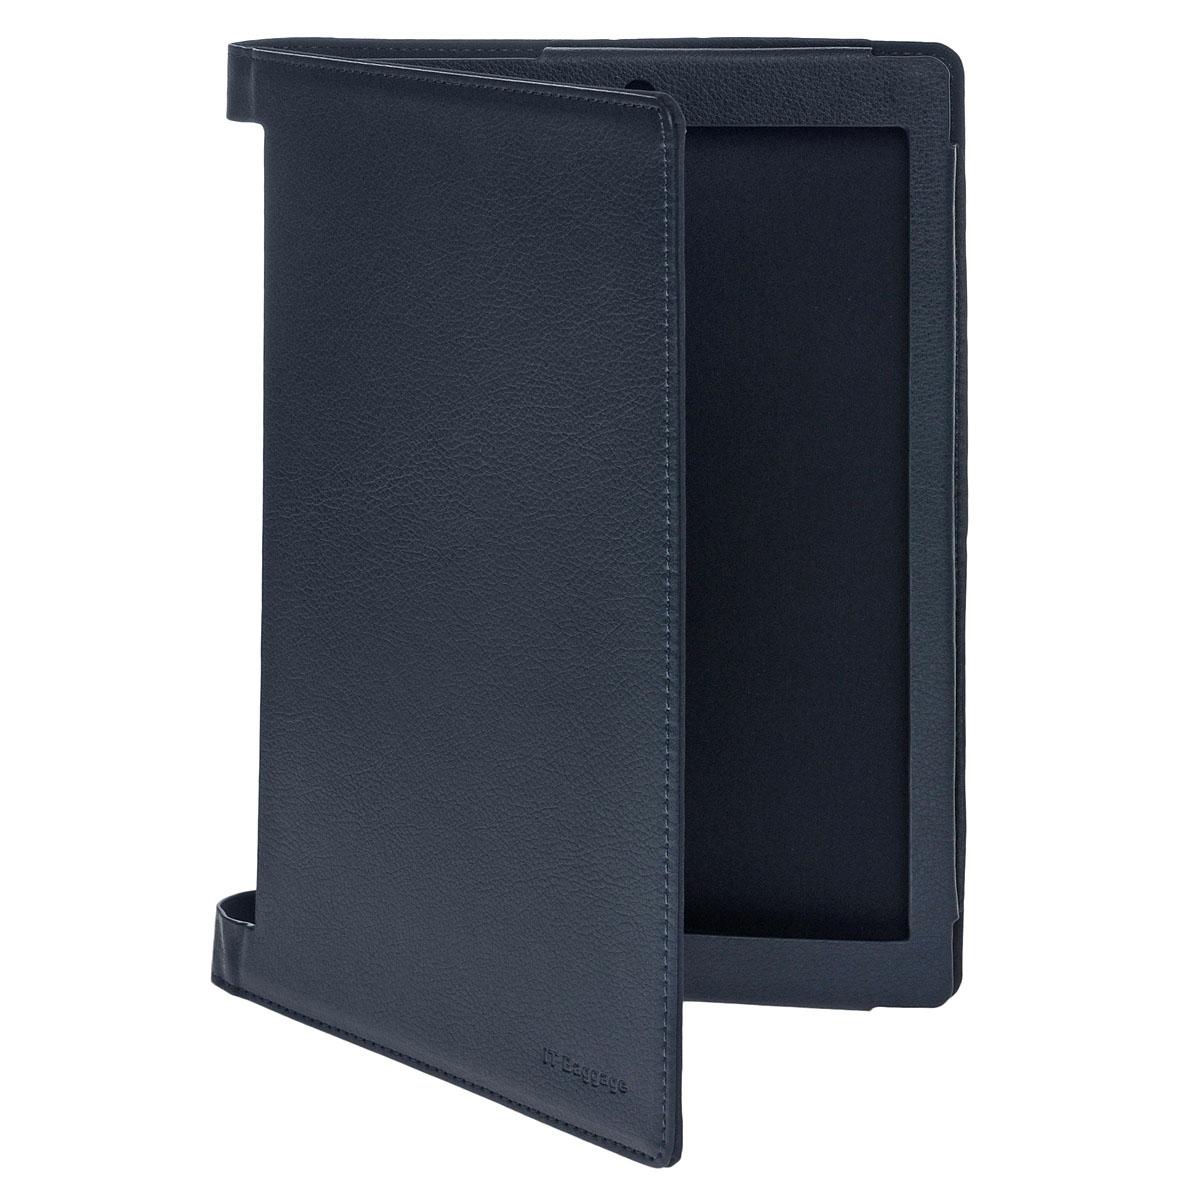 IT Baggage чехол для Lenovo Yoga Tablet 2 8, BlueITLNY282-4Чехол IT Baggage для Lenovo Yoga Tablet 2 8 - это стильный и лаконичный аксессуар, позволяющий сохранить планшет в идеальном состоянии. Он имеет свободный доступ ко всем разъемам устройства, и в то же время надежно удерживает технику, а обложка защищает корпус и дисплей от появления царапин, налипания пыли. Также чехол можно использовать как подставку для чтения или просмотра фильмов.